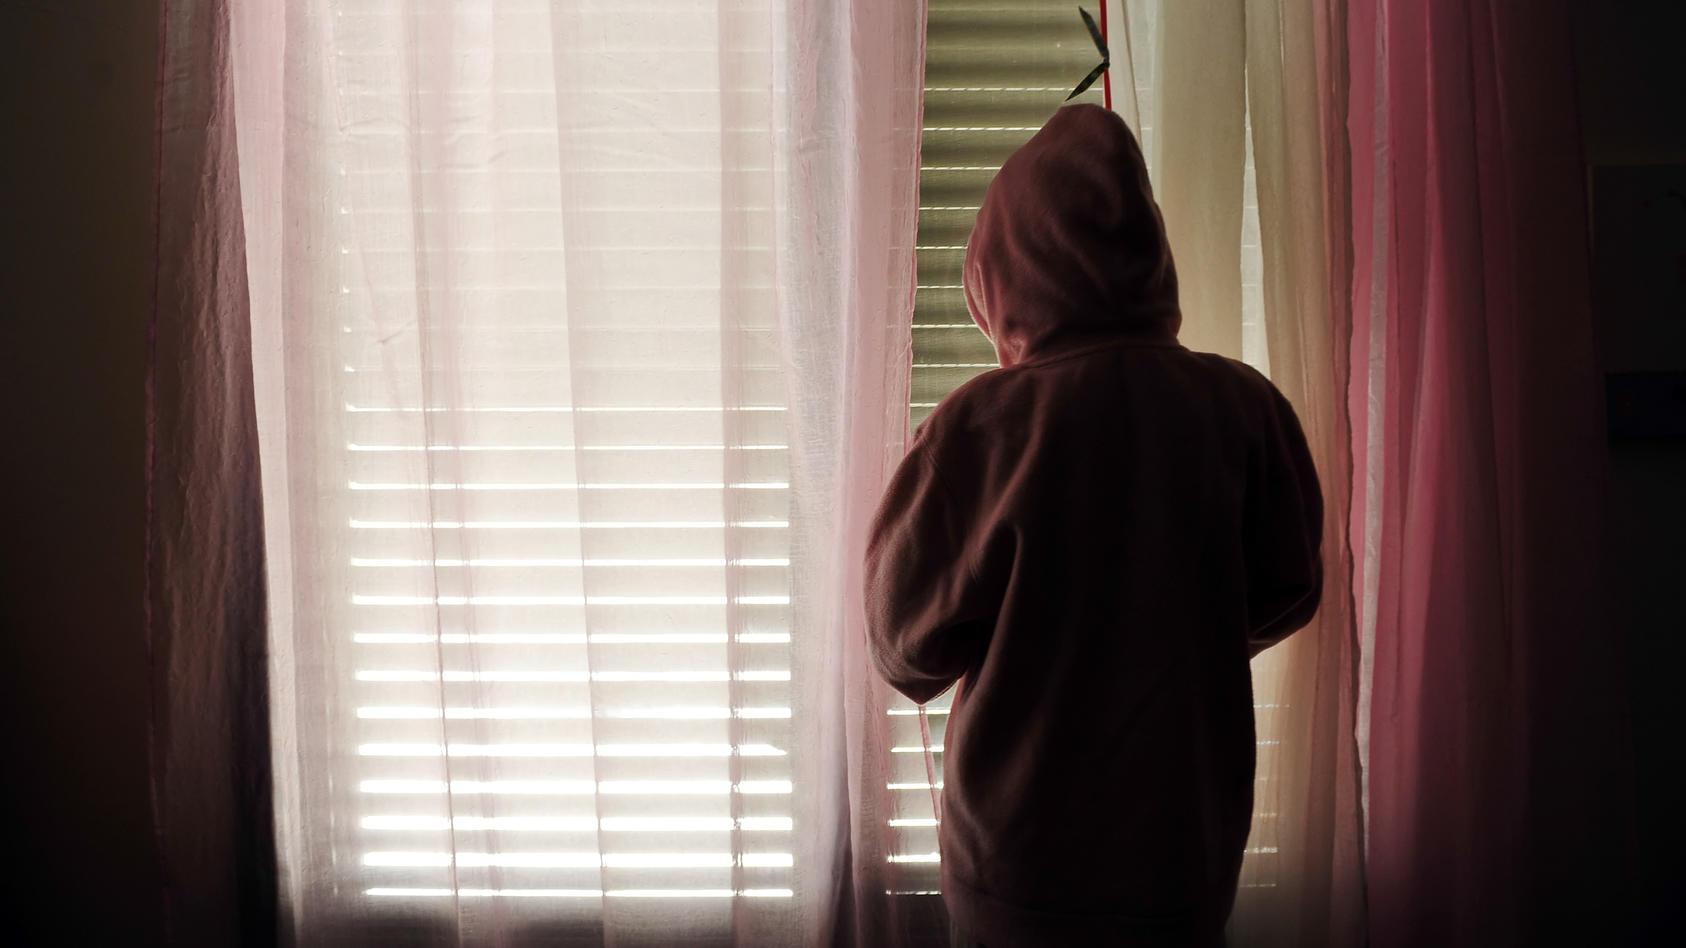 Junges Mädchen steht traurig am Fenster.